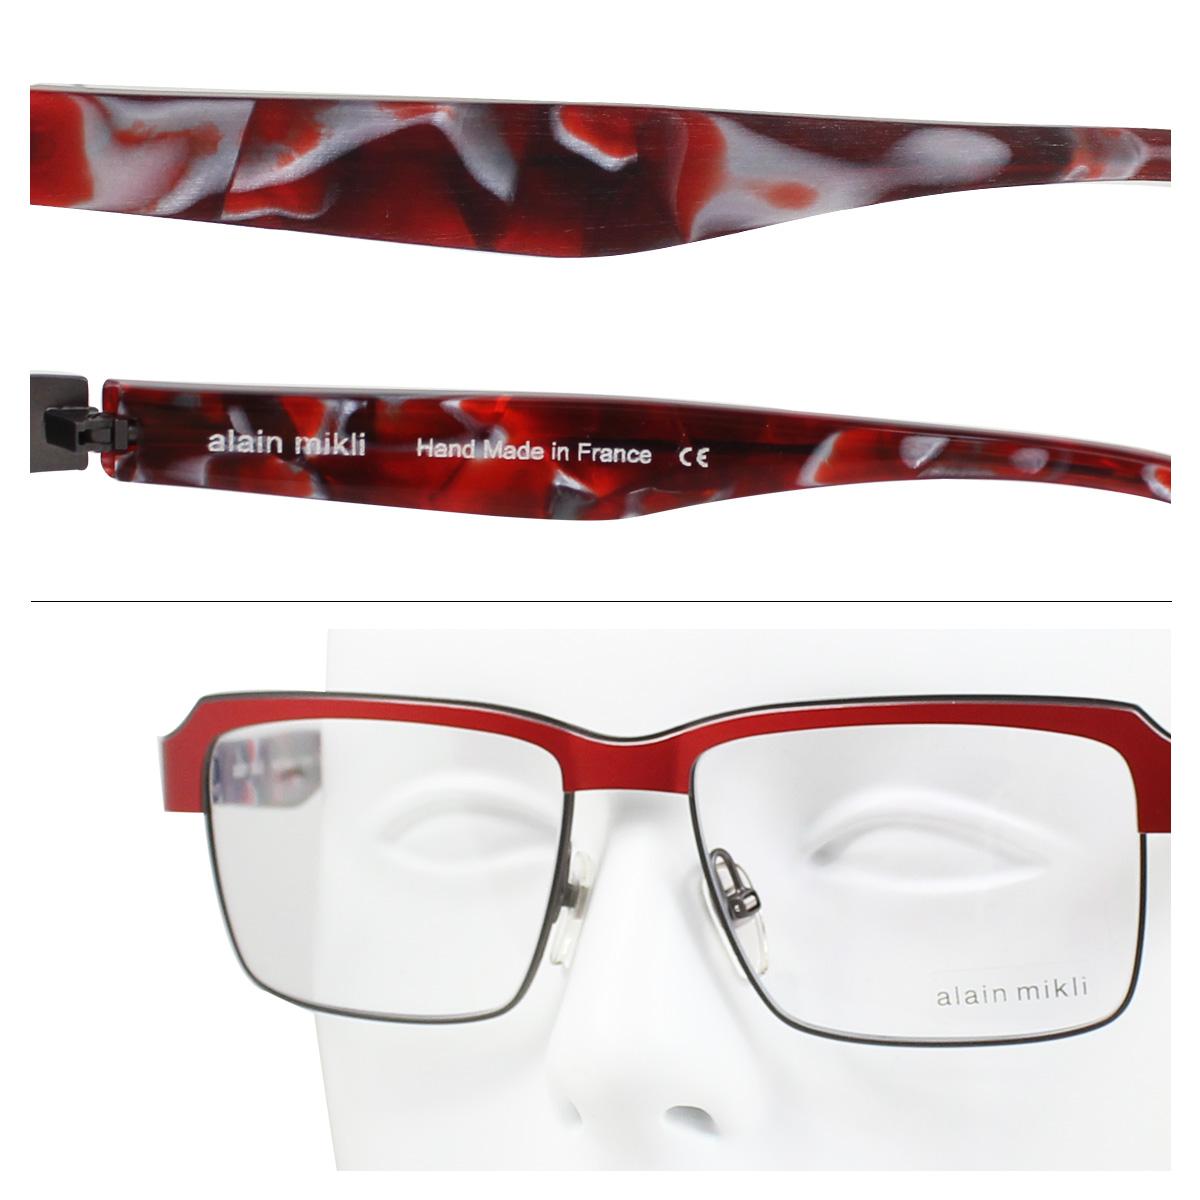 alain mikli arammikurimegane眼鏡法國製造人分歧D